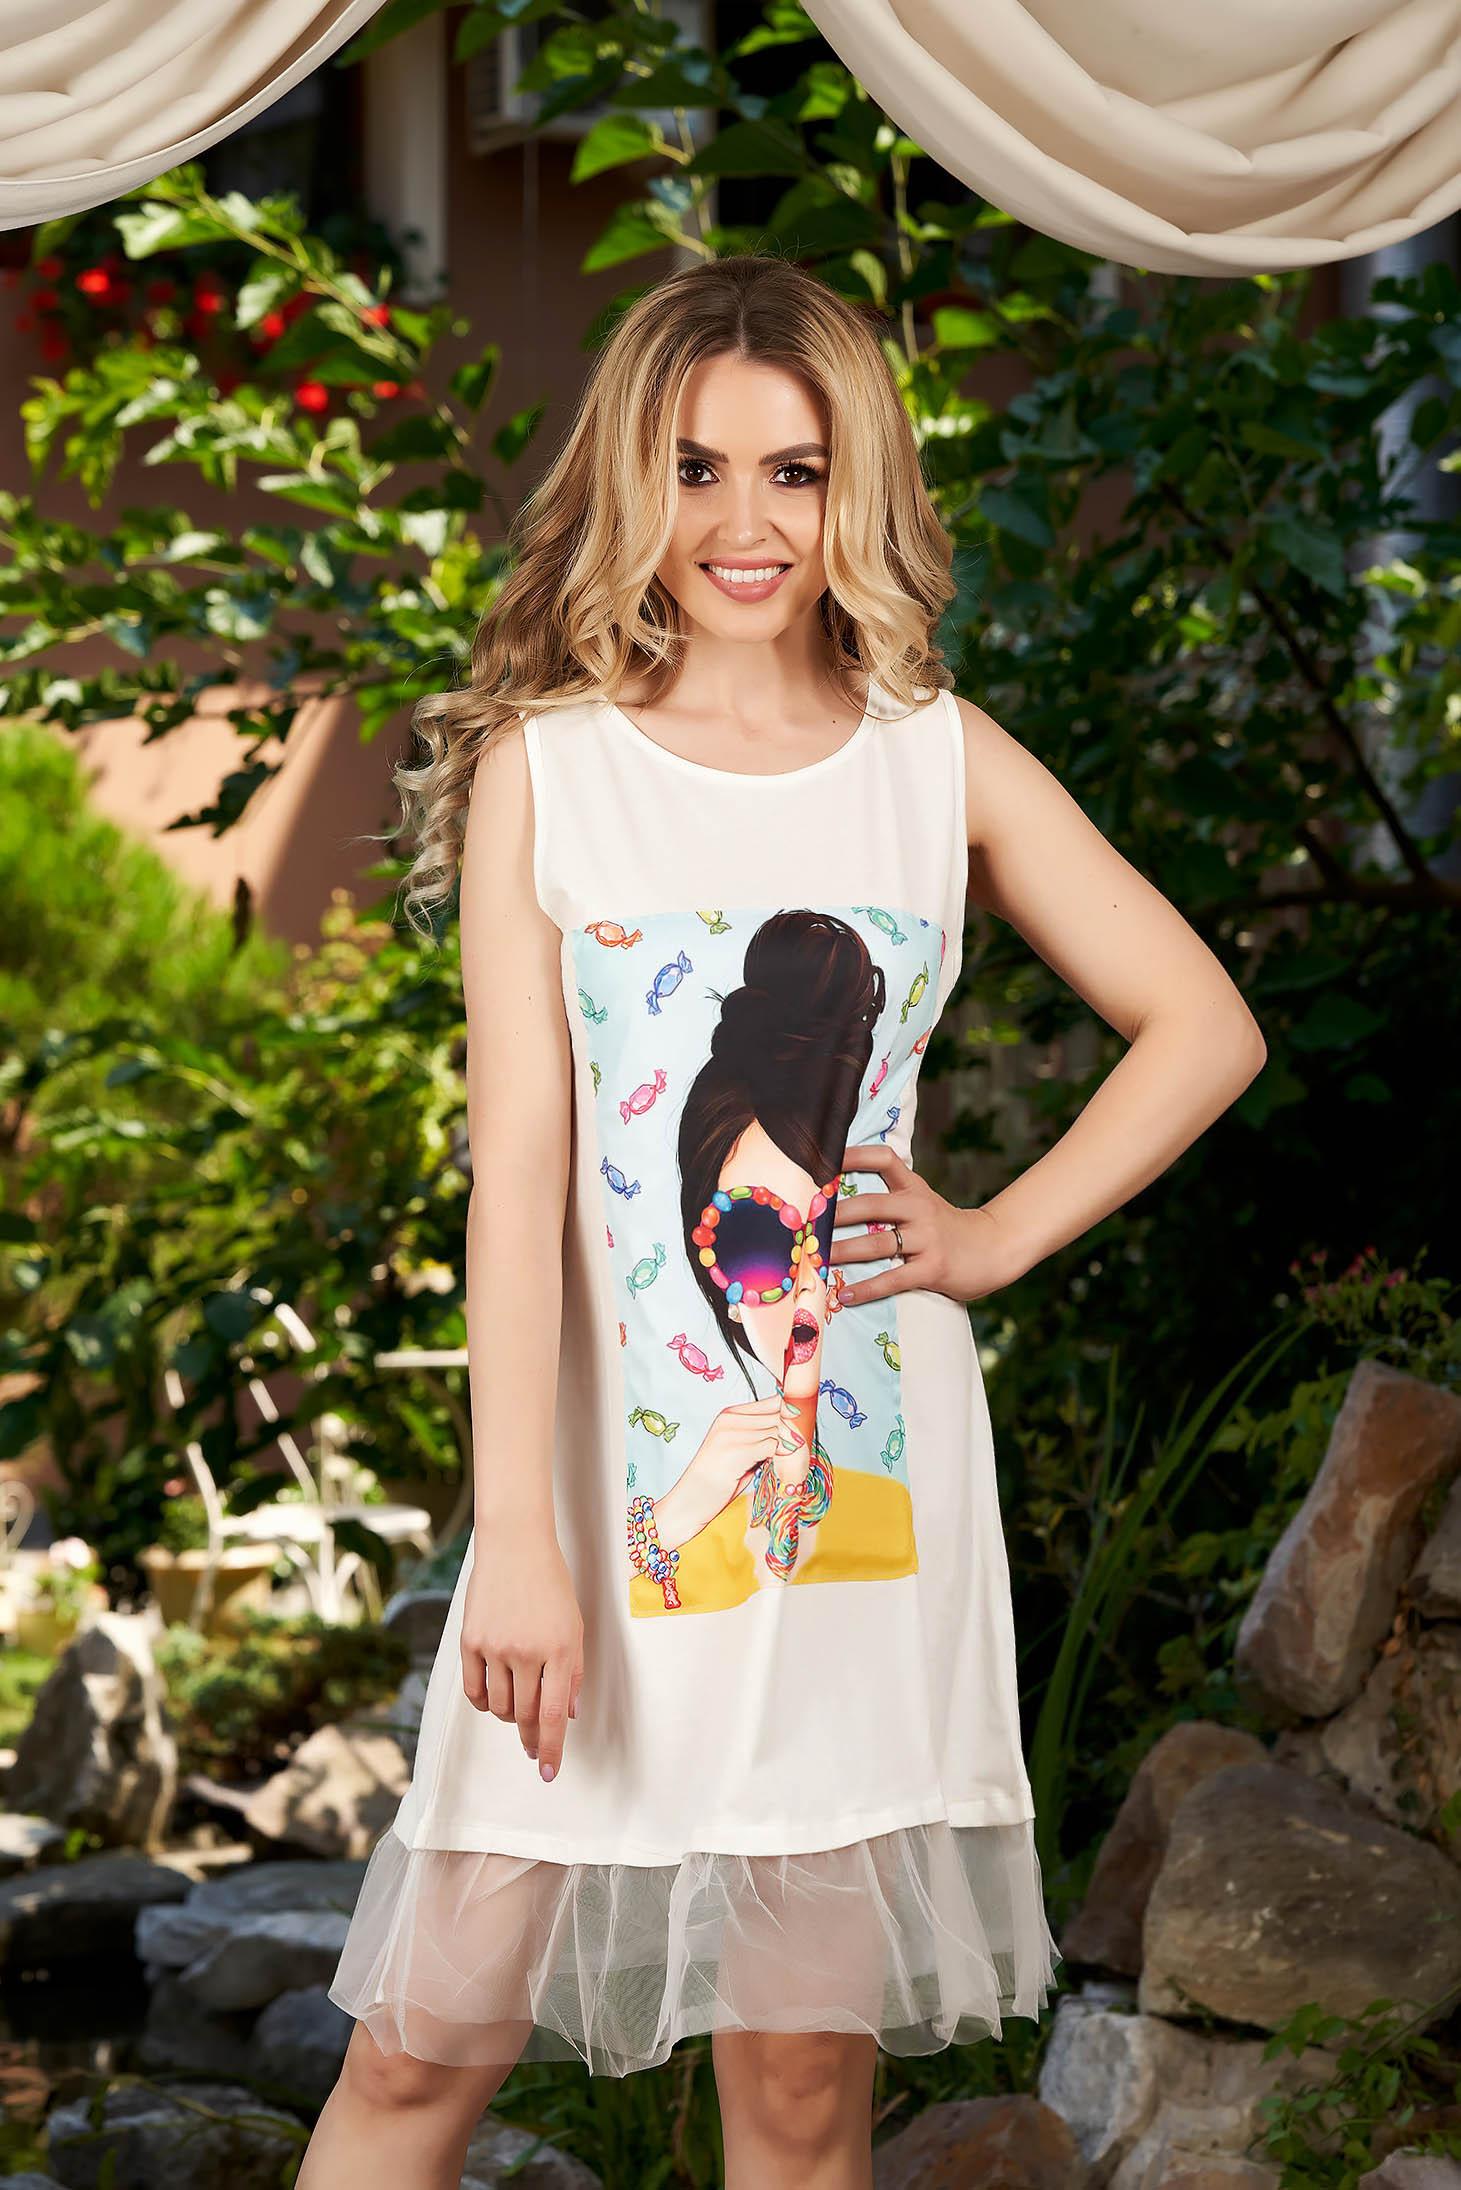 Rochie SunShine alba casual cu croi in a fara maneci cu imprimeuri grafice